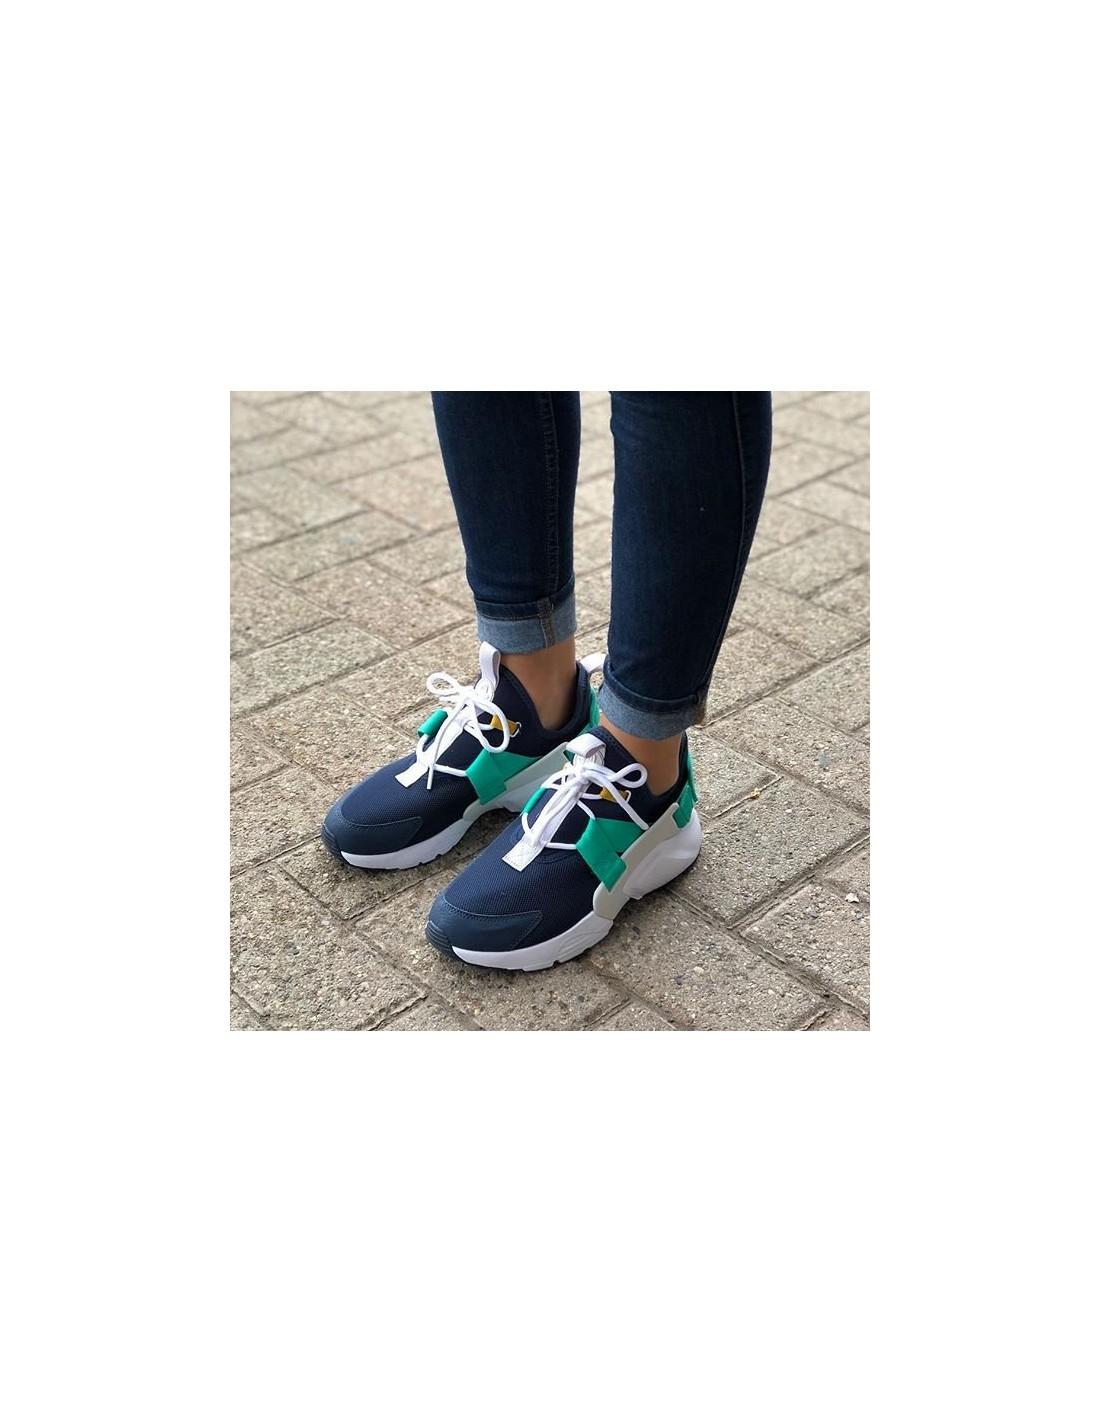 7d36633d5f6 18 Femme Eu 3 Pointure Pour Nike Huarache Low Air City 5uk 5 36us 8OYOHIAU